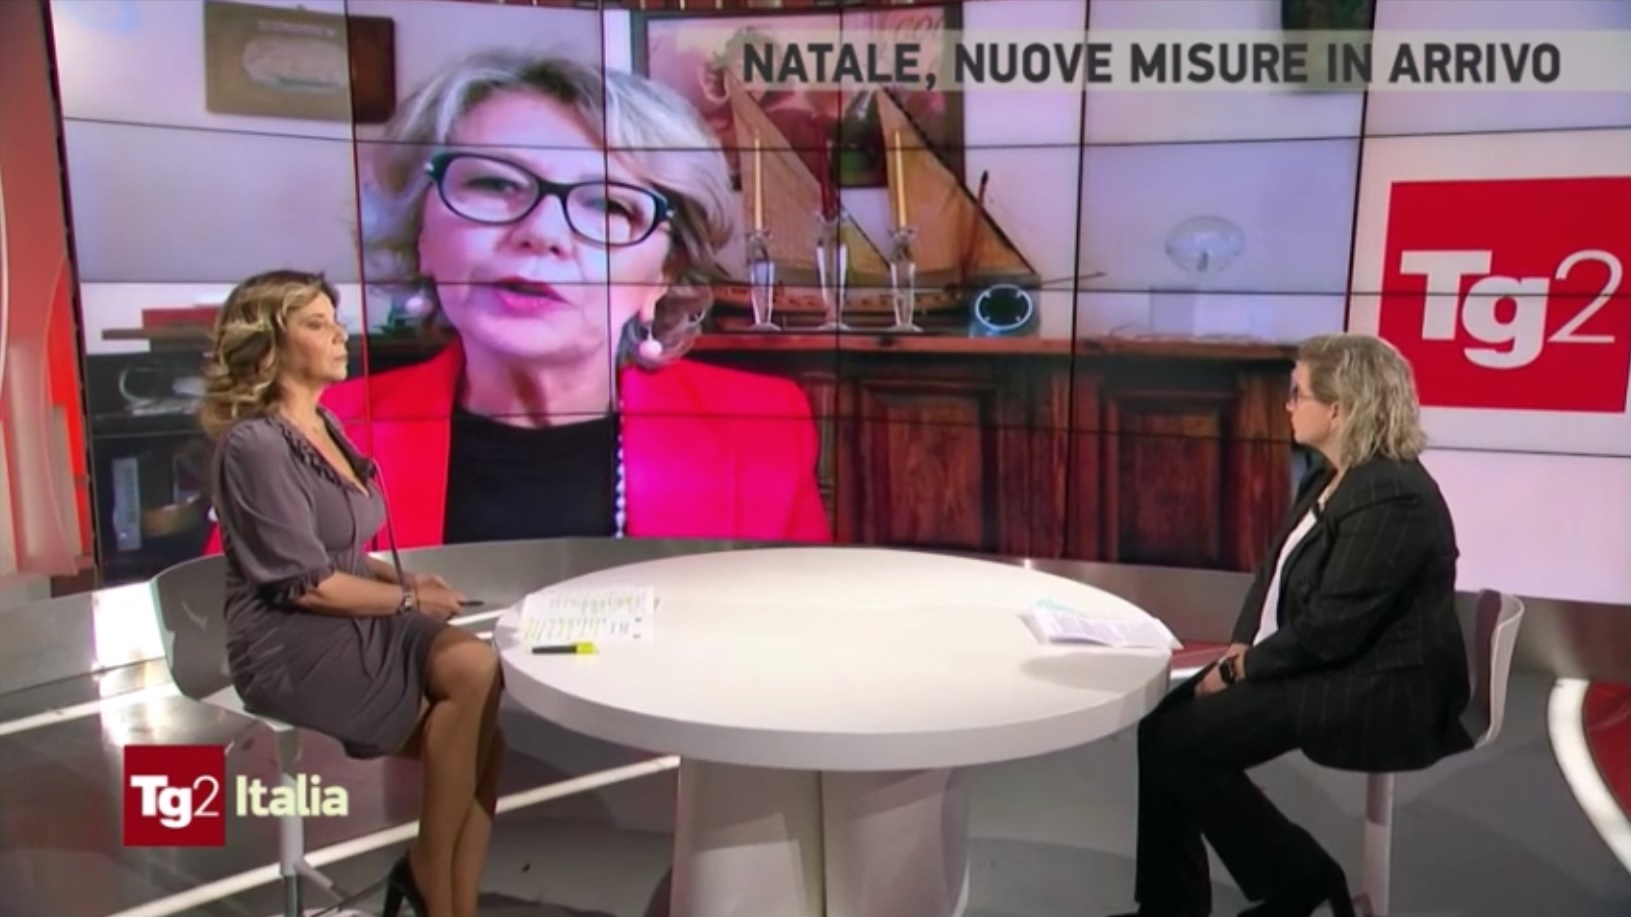 La presidente De Luise ospite di Tg2 Italia